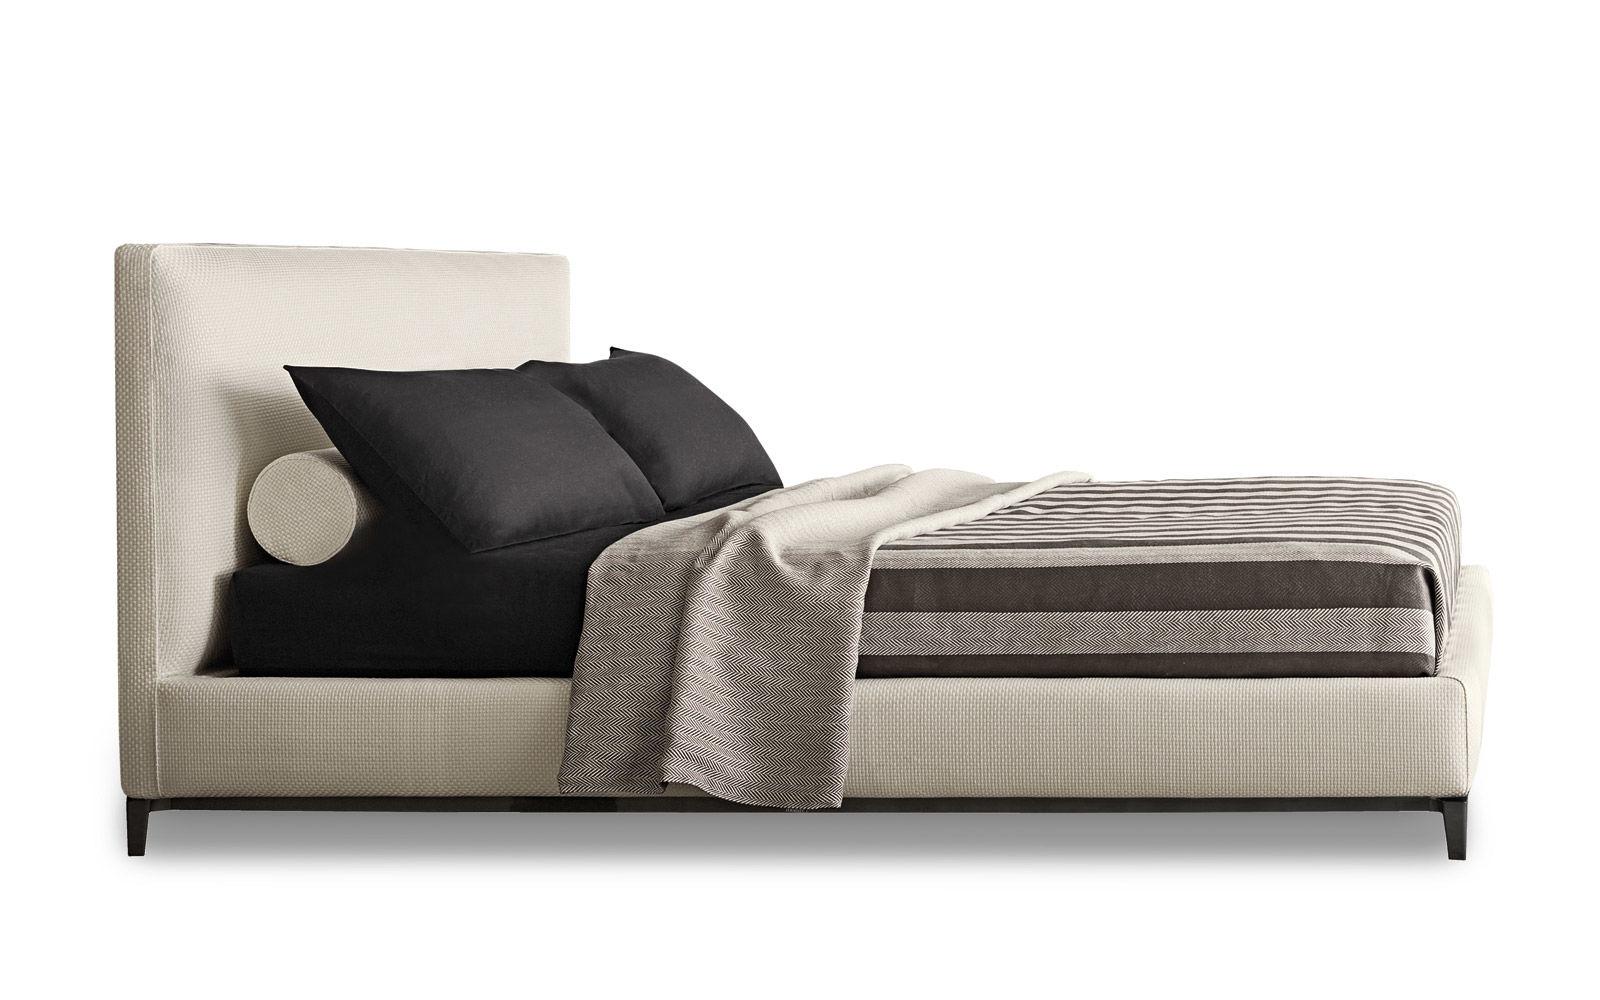 BETTEN - DE | ANDERSEN BED